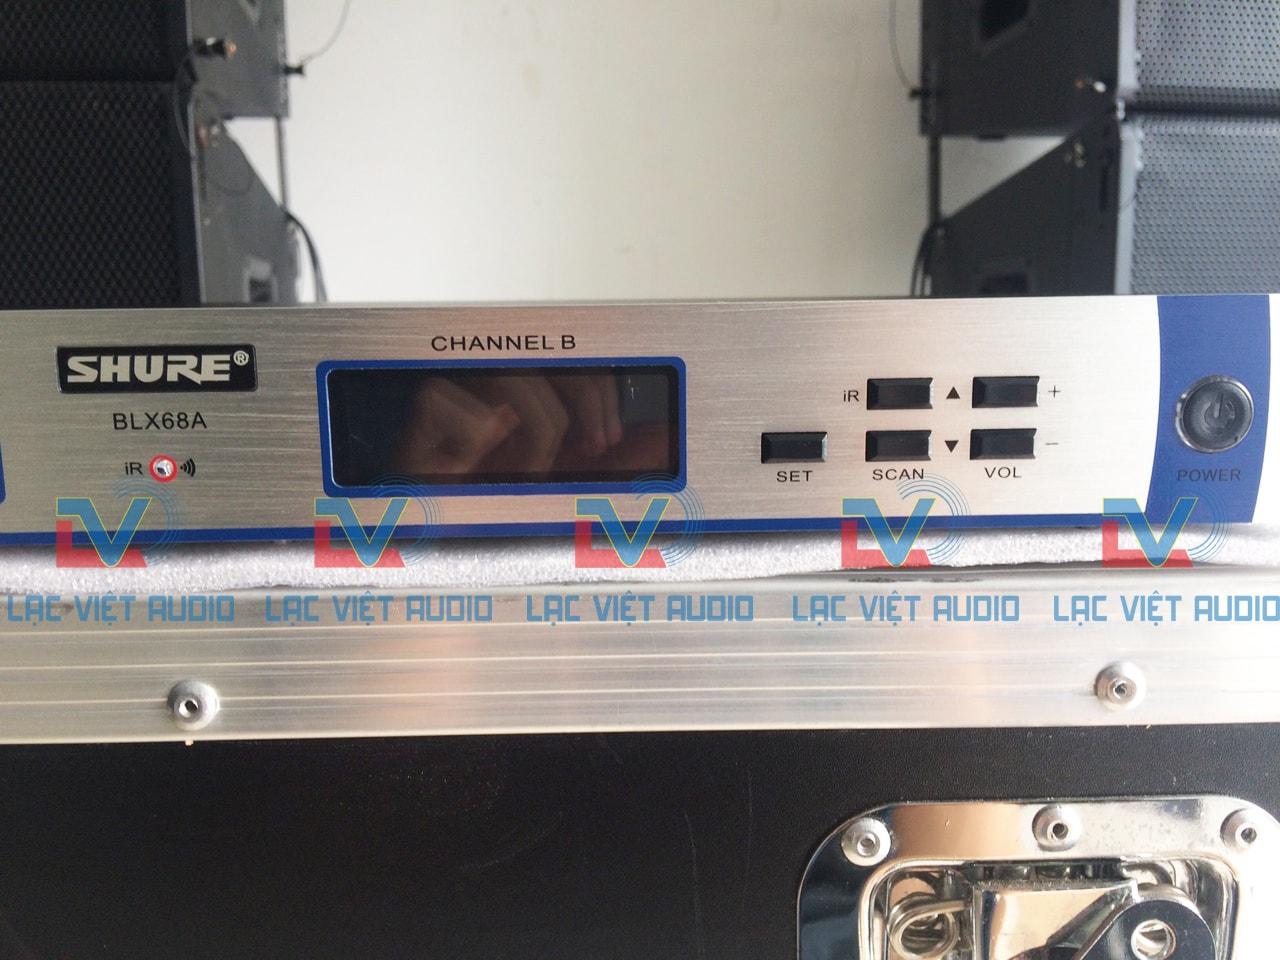 Màn hình LCD hiển thị chi tiết thông số kỹ thuật đầu karaoke